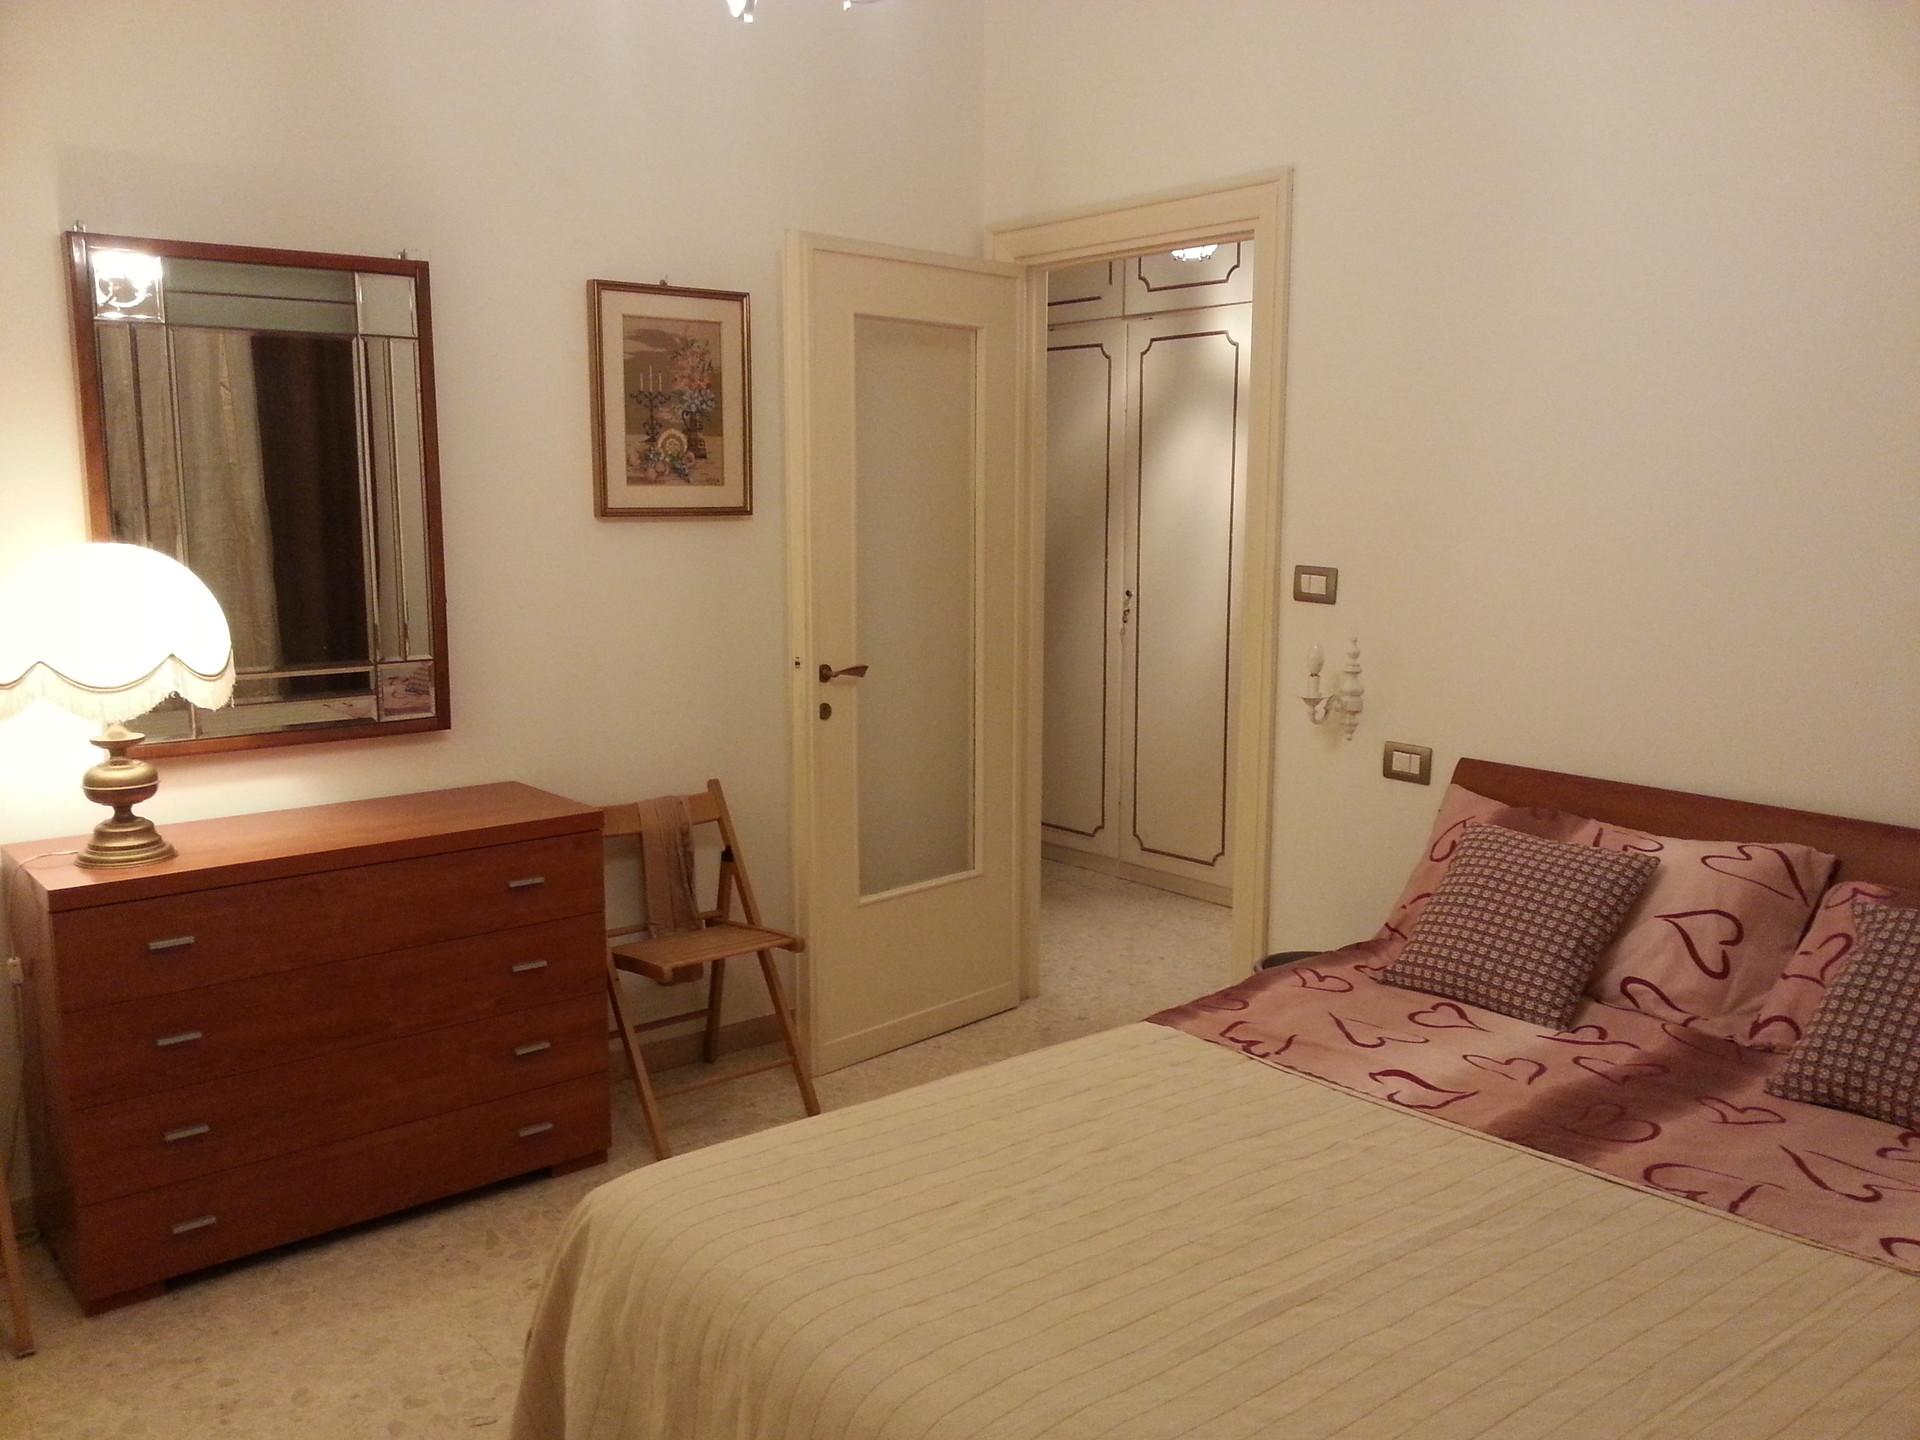 Camera matrimoniale piazzale jonio stanze in affitto roma - Stanza con bagno privato roma ...